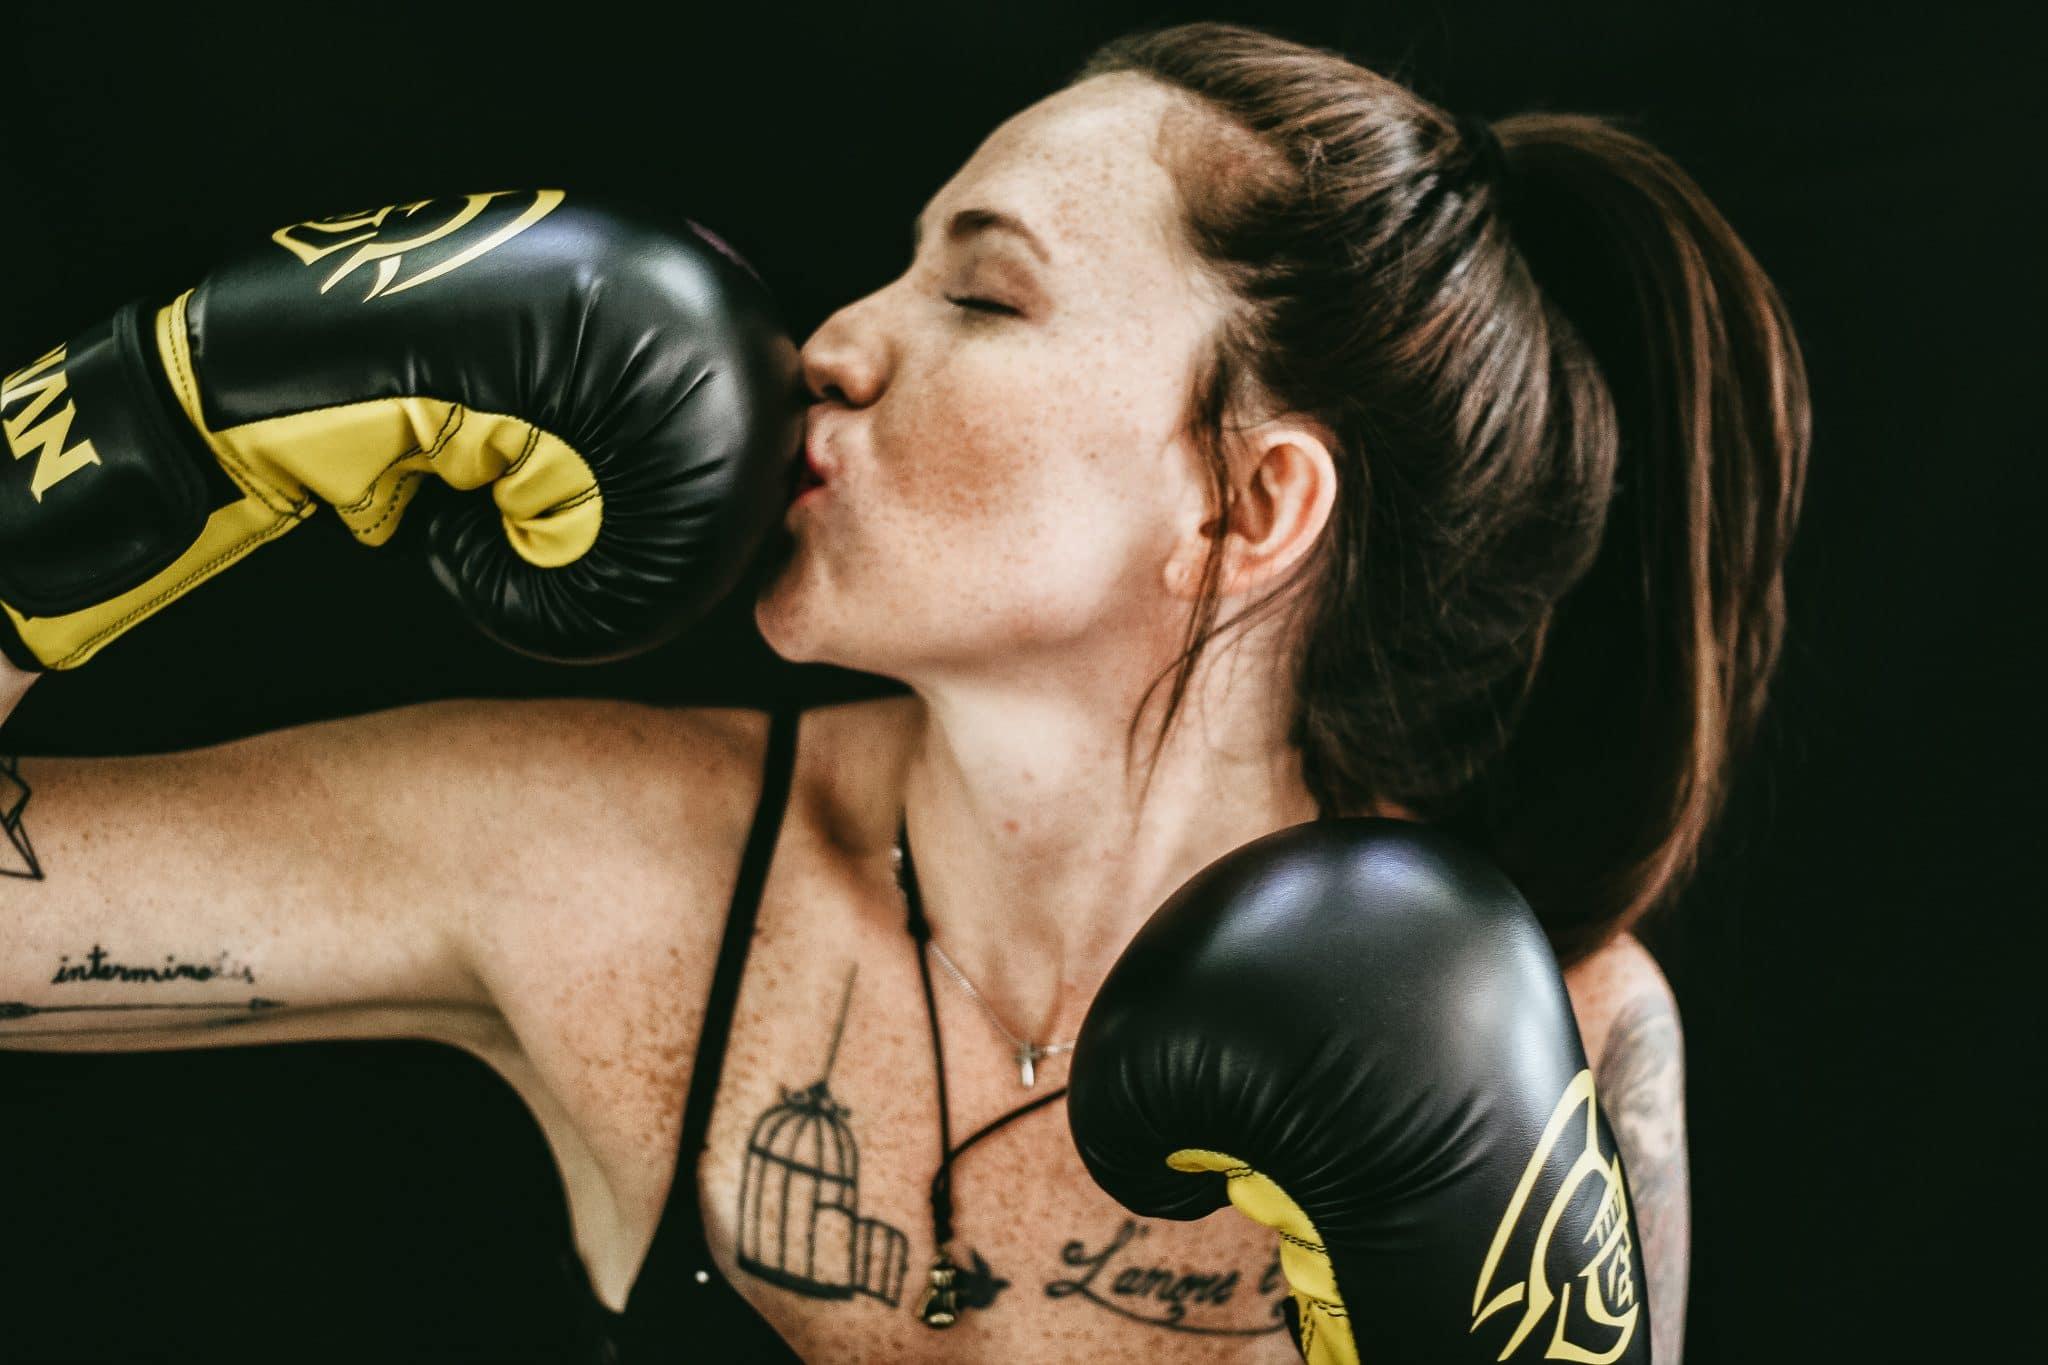 Was denkt ein Mann im Fitnessstudio: Kennst du die Situation? Du bist im Fitnessstudio und trainierst. Und natürlich ist das andere Geschlecht auch vertreten. Doch was denkt ein #Mann, wenn er trainiert? Was denkt er über dich? Oder wenn er dich sieht, dir seine Hilfe anbietet? Wie könntest du ihn besser #verstehen. Womit könntest du ihn beeindrucken, ihn ansprechen und was kommt als Frau bei ihm garnicht gut an? #Gedanken